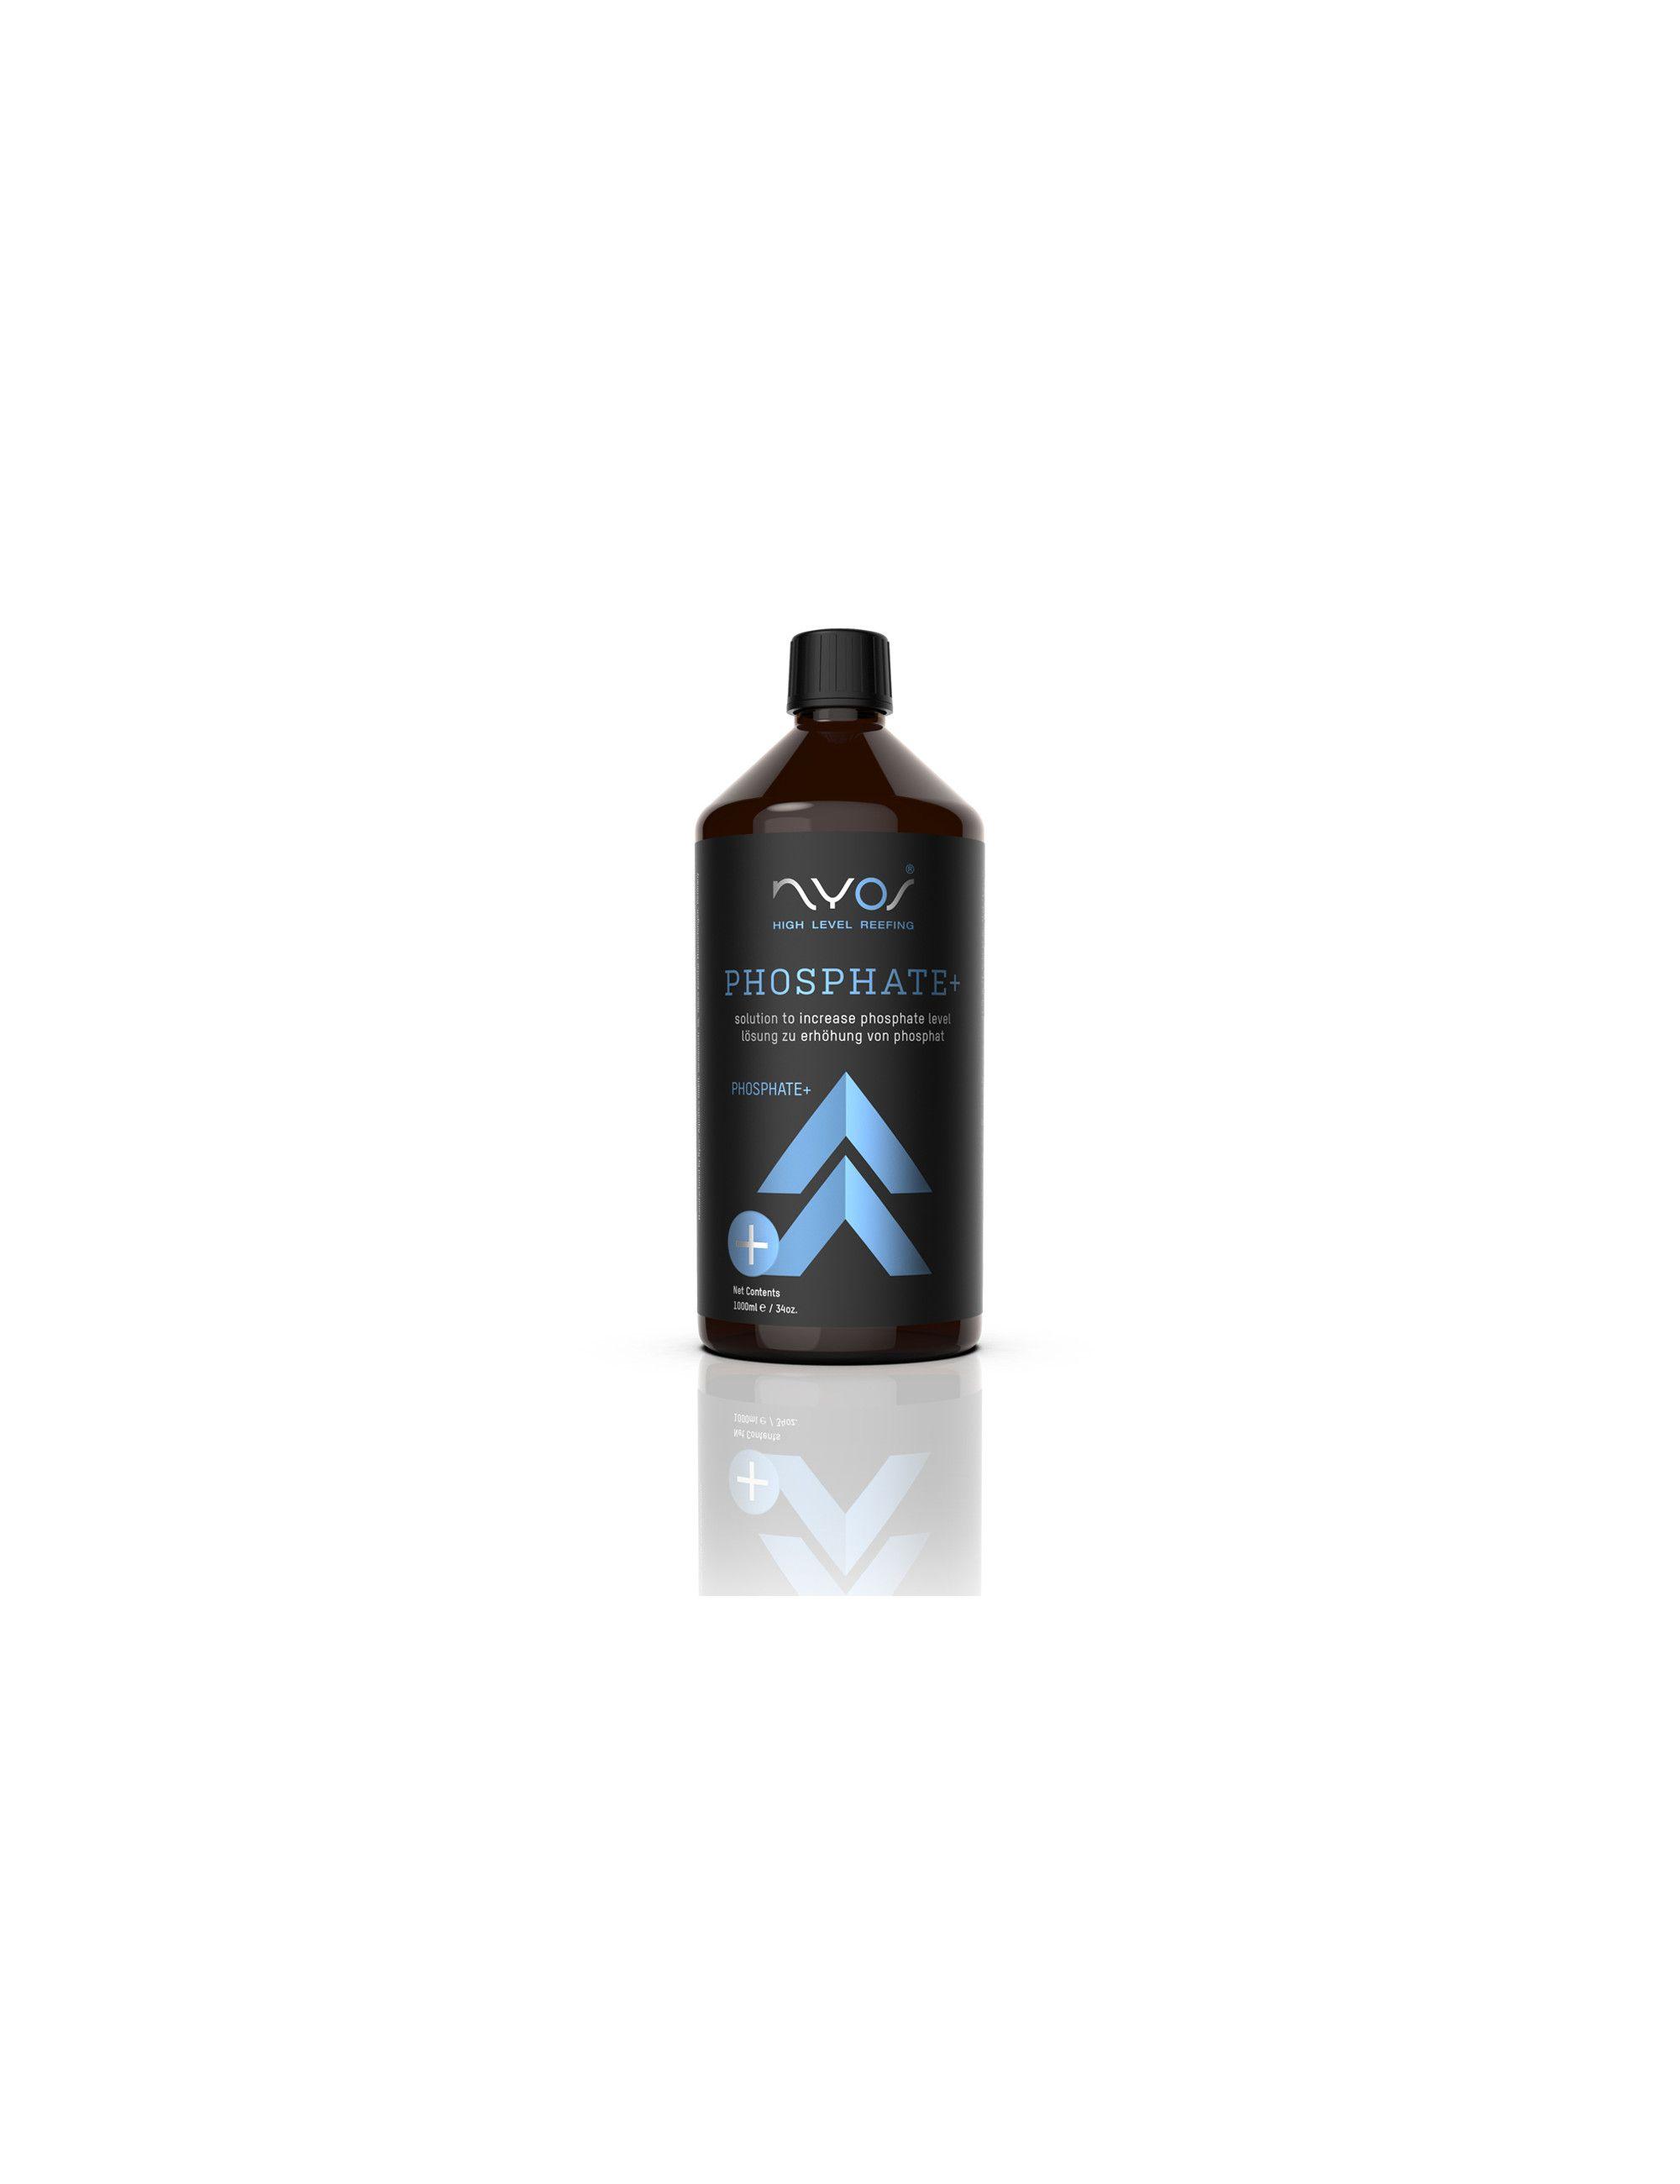 NYOS - Phosphate+ - 1 L - Solution pour augmenter le niveau de phosphate